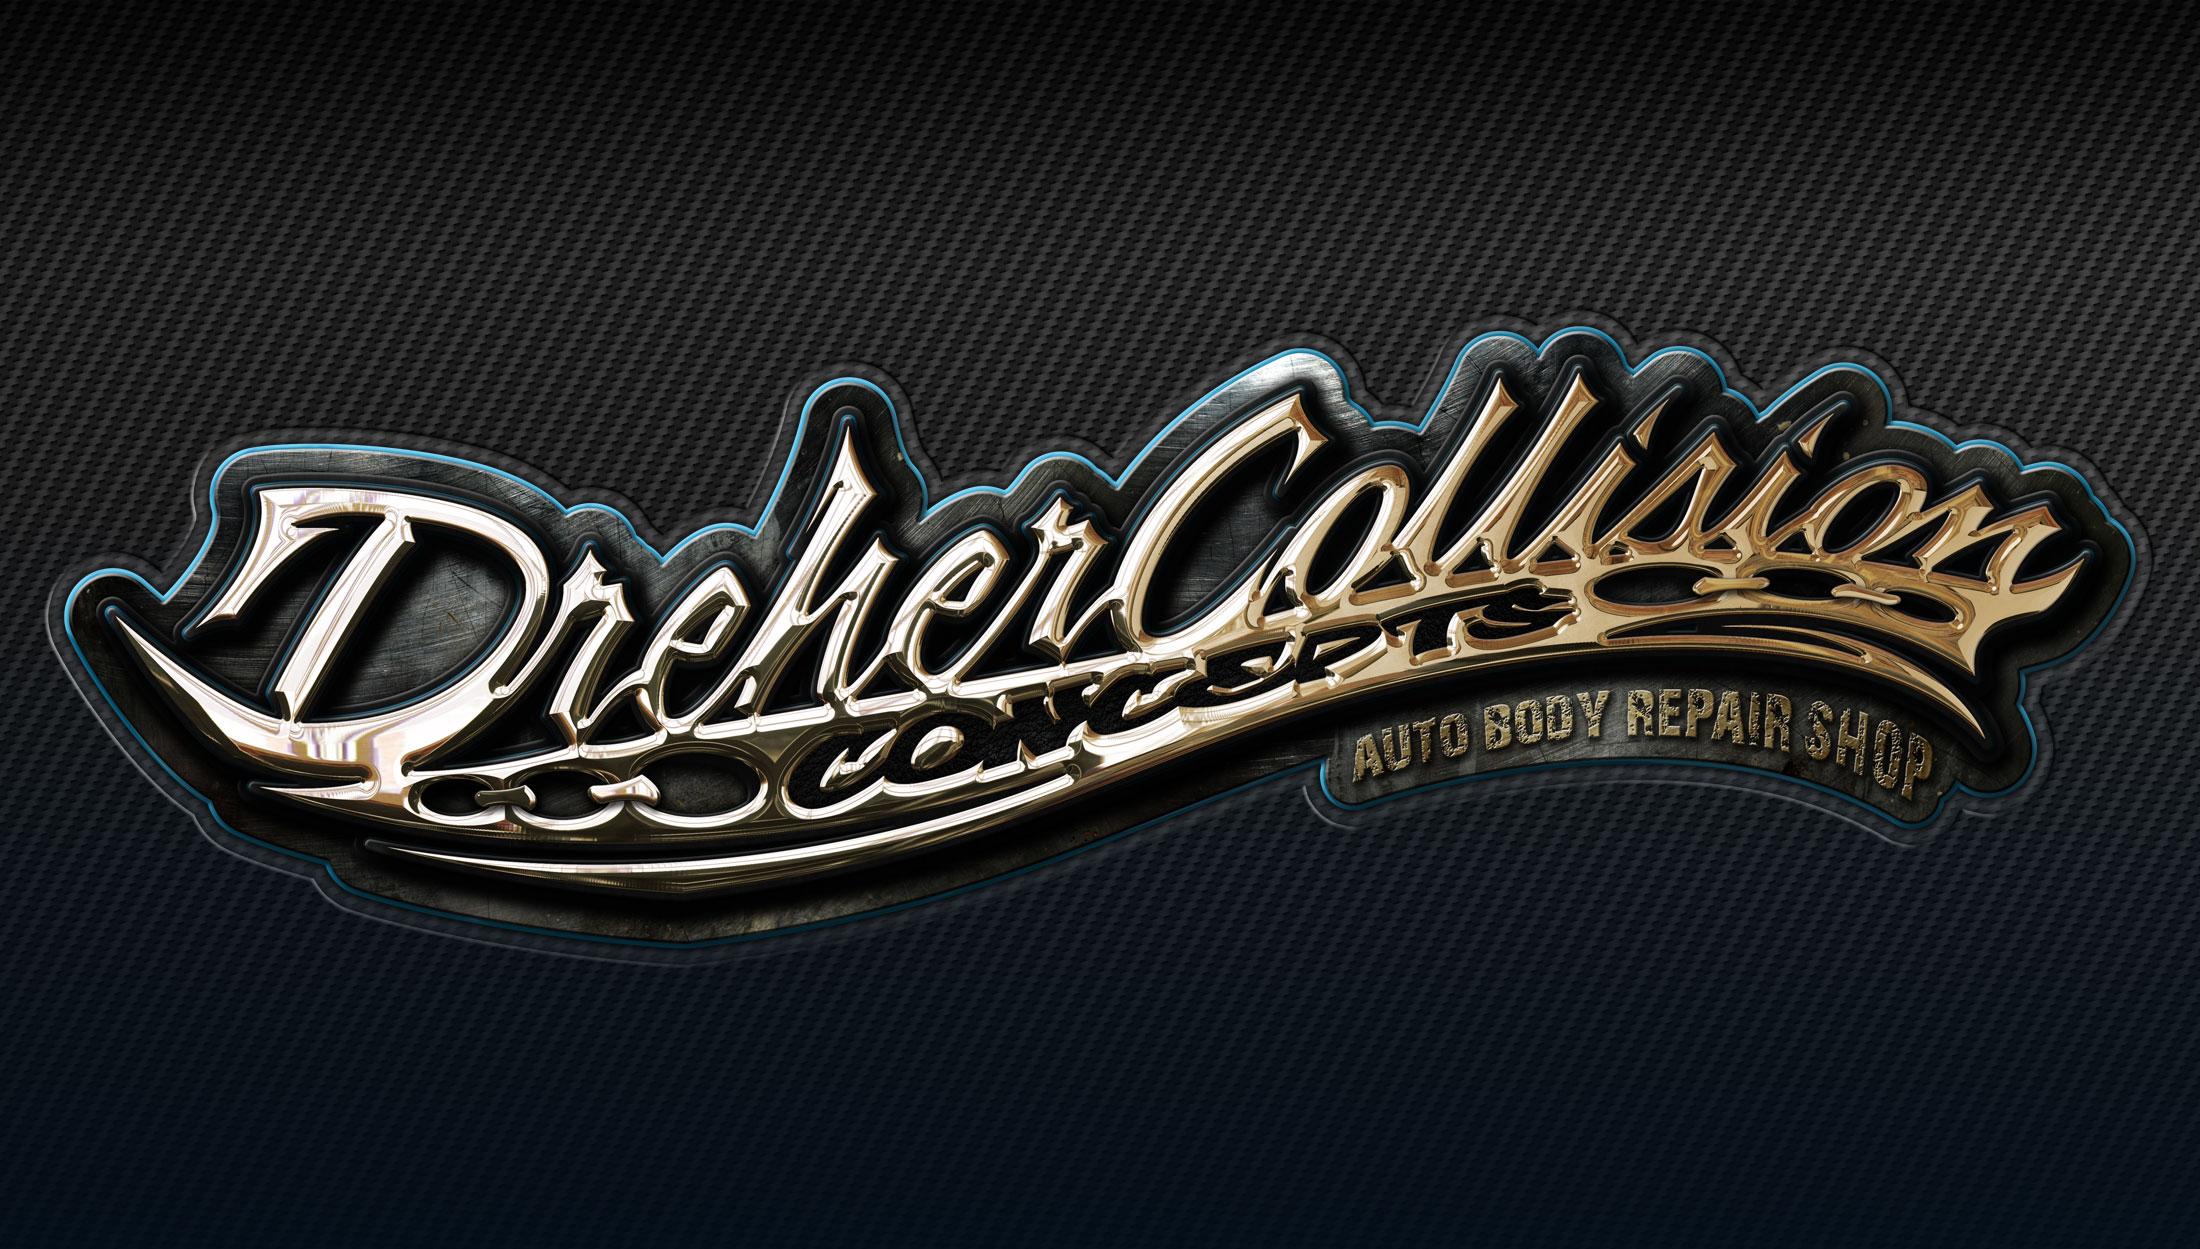 dreher-collision-concepts-auto-body-repair-shop